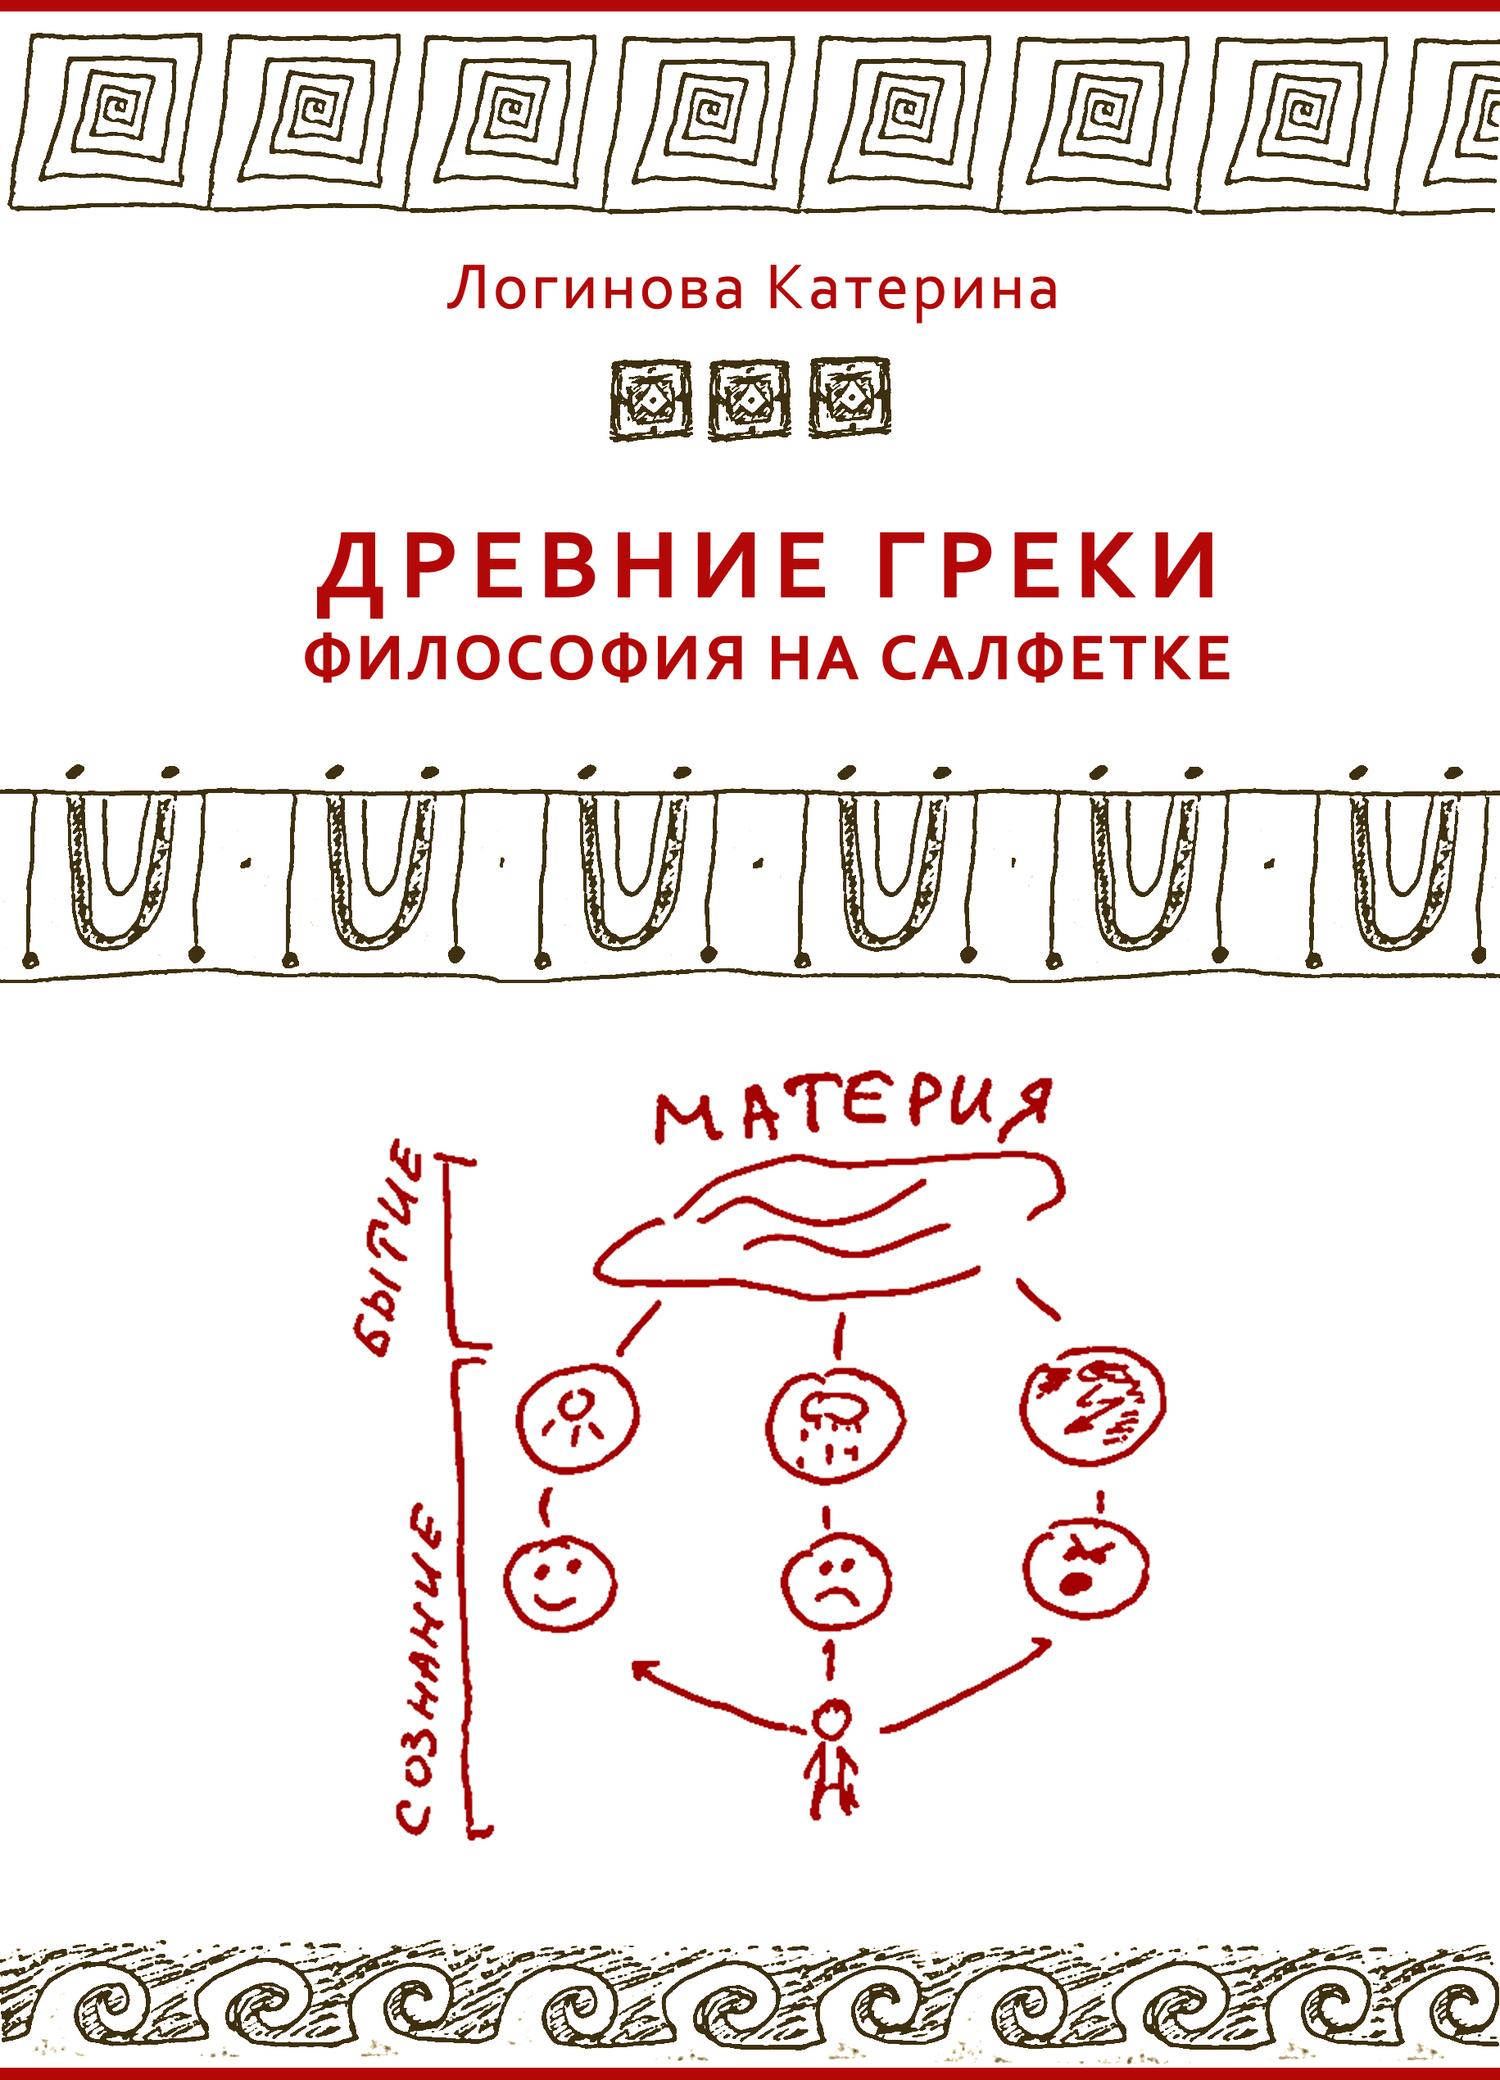 Катерина Логинова - Древние греки. Философия на салфетке